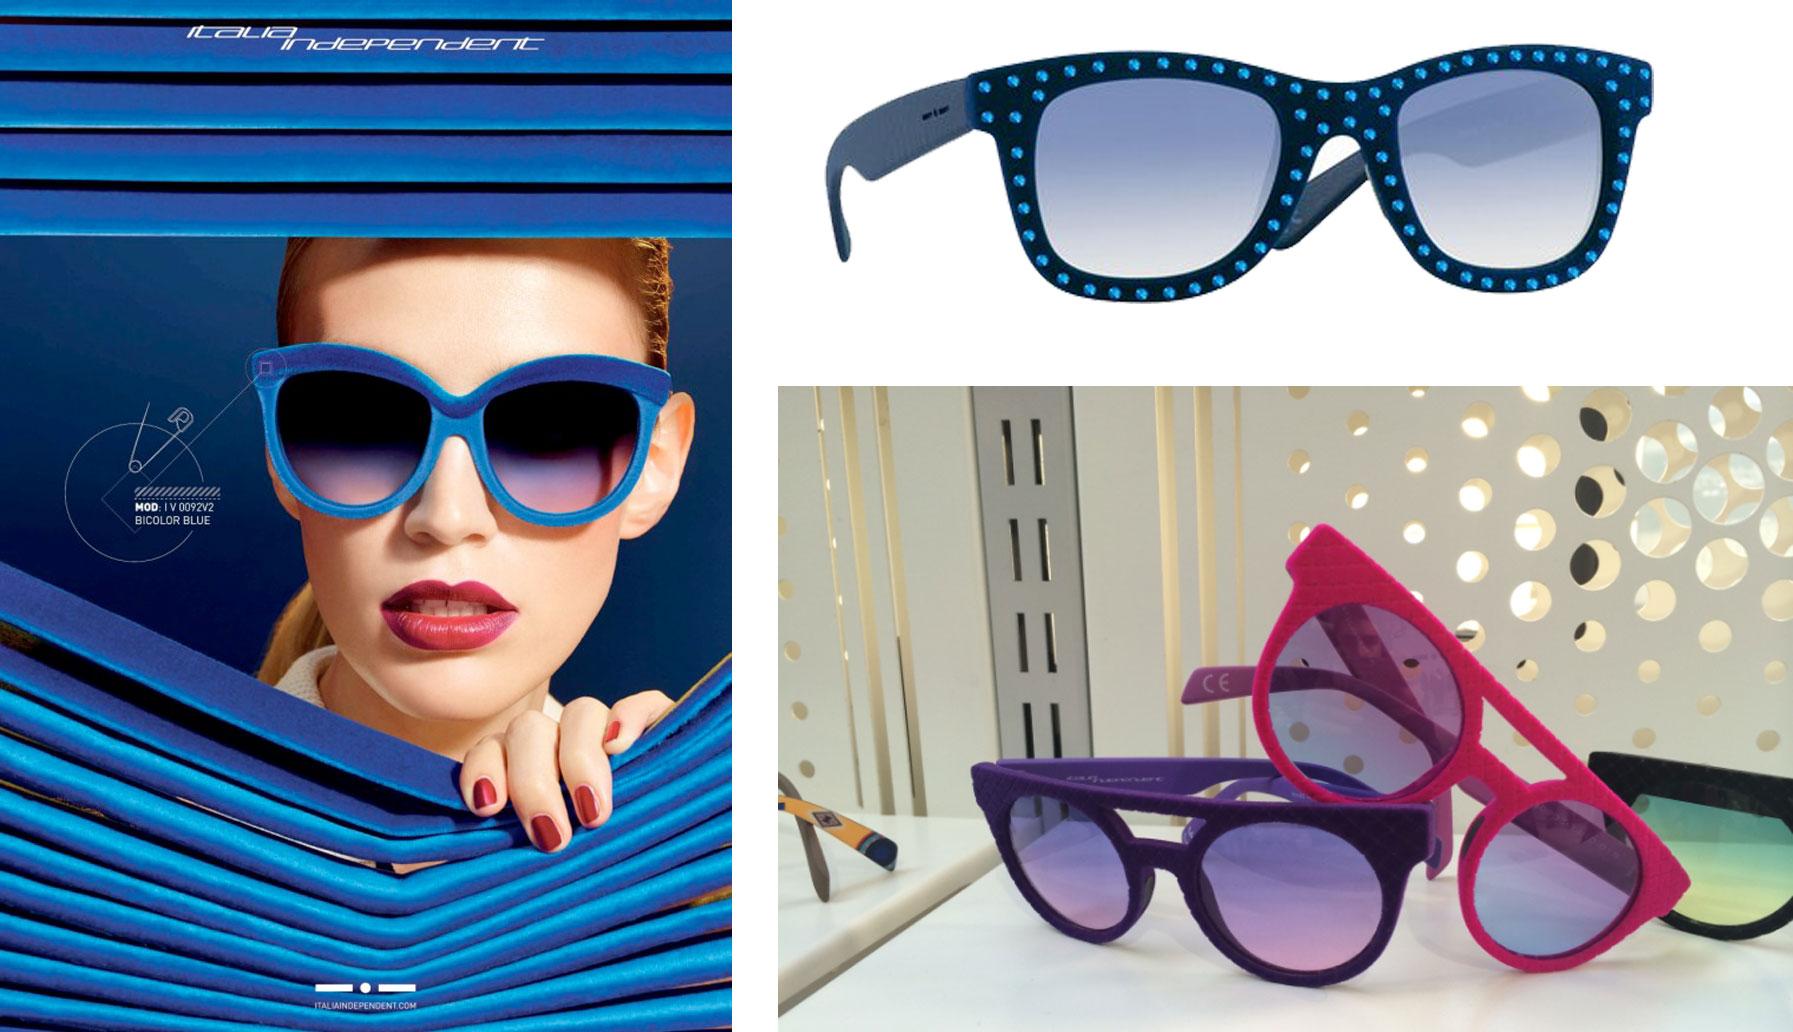 Occhiali da sole 2015: le montature colorate